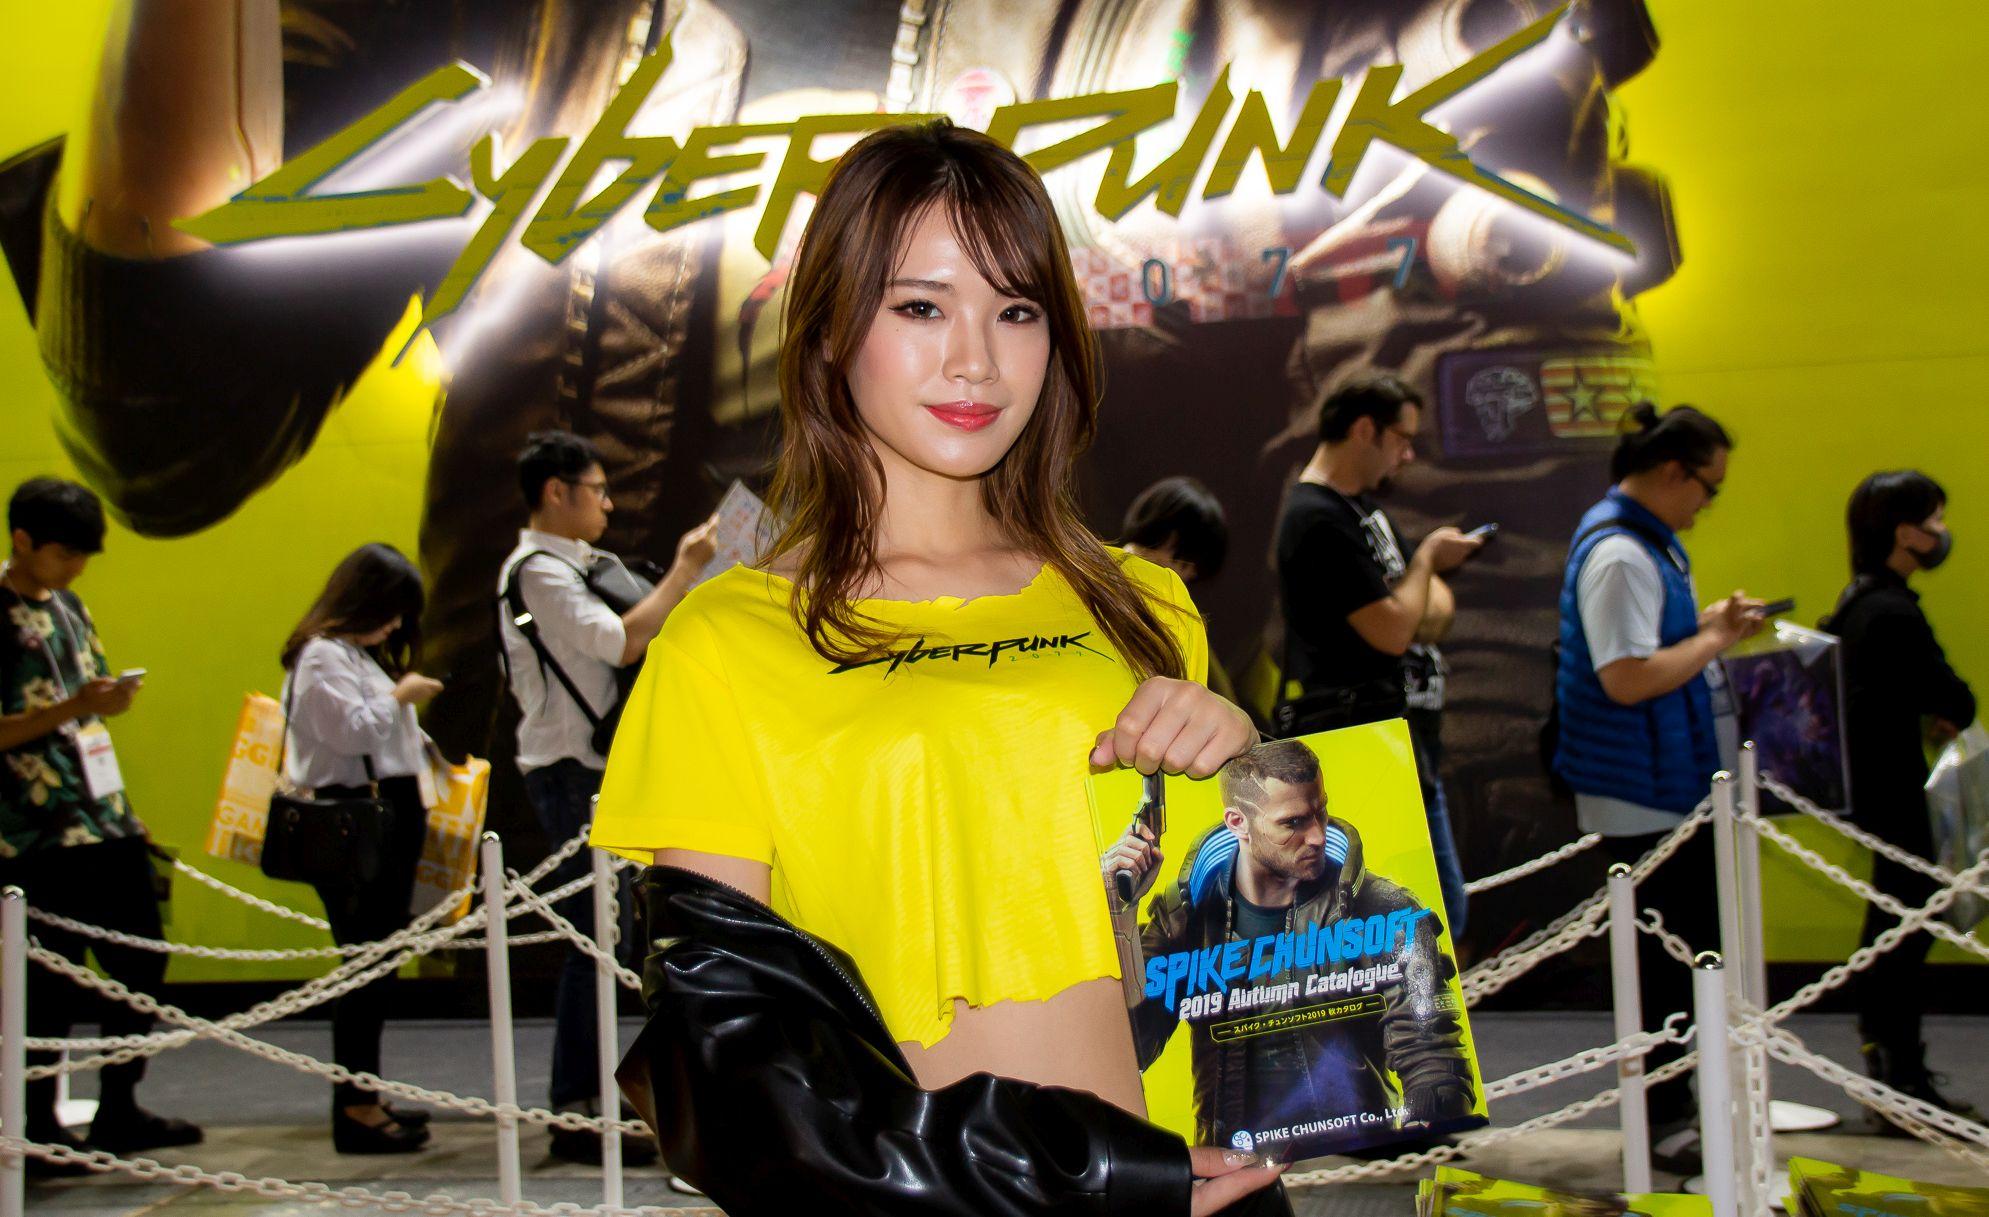 東京ゲームショウ2019 コンパニオンさん写真まとめ(サイバーパンク2077) #TGS2019